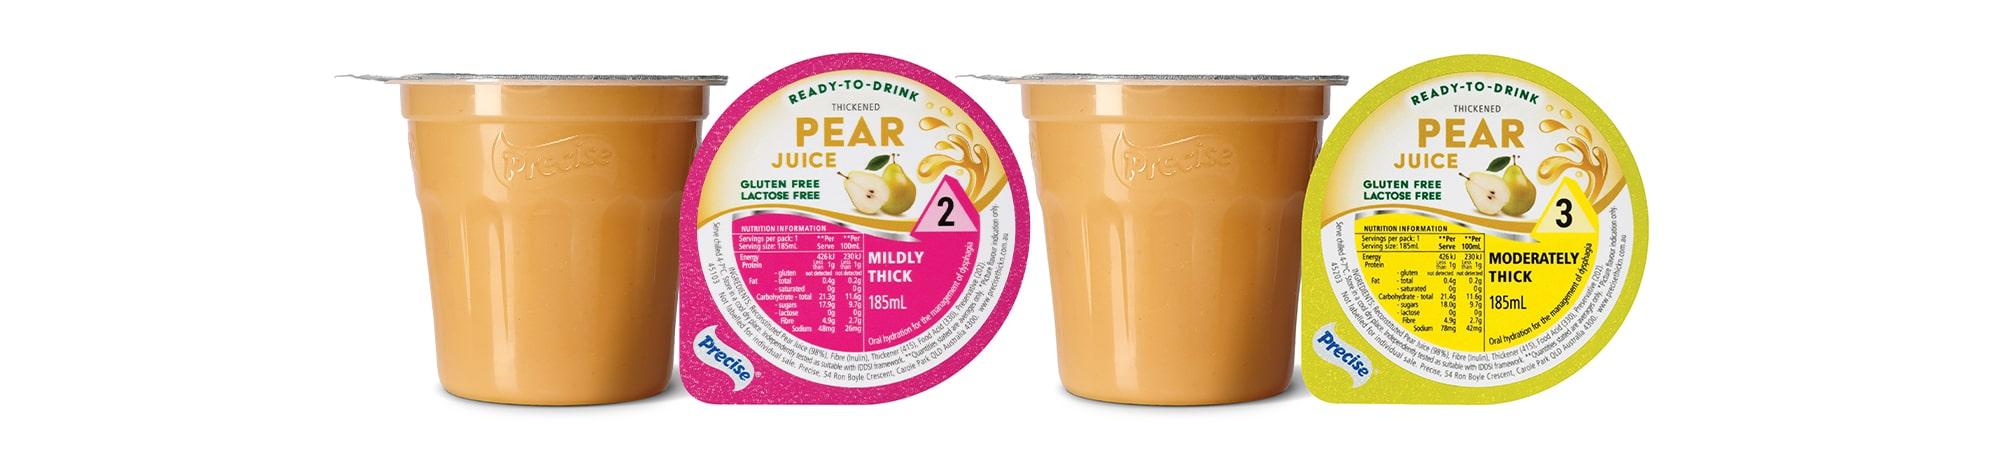 RTD Pear Juice